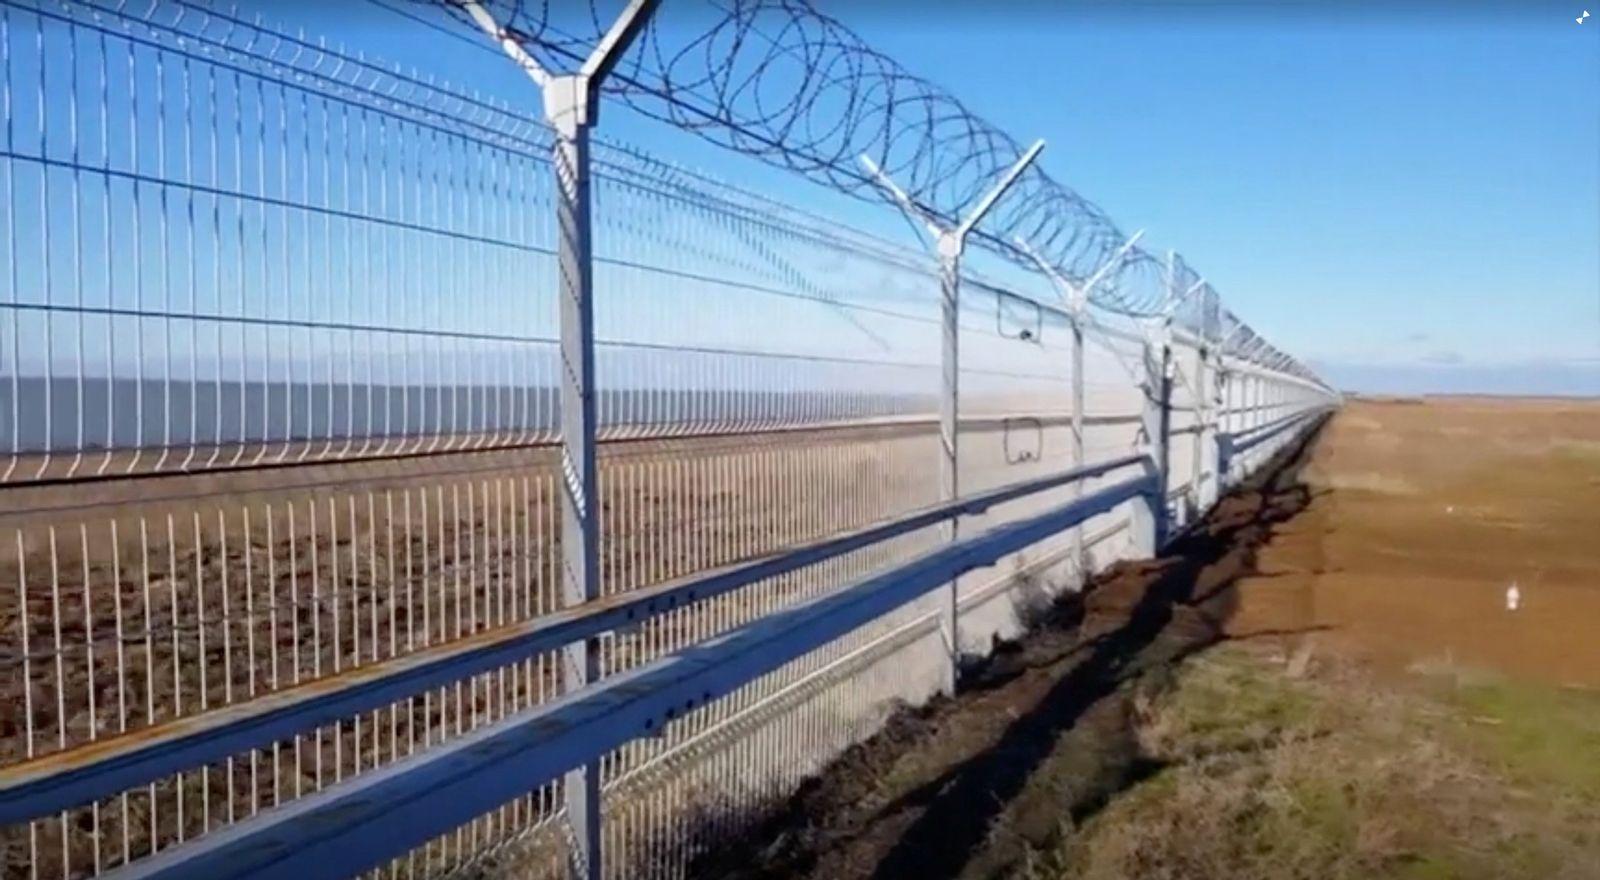 UKRAINE-CRISIS/CRIMEA-FENCE